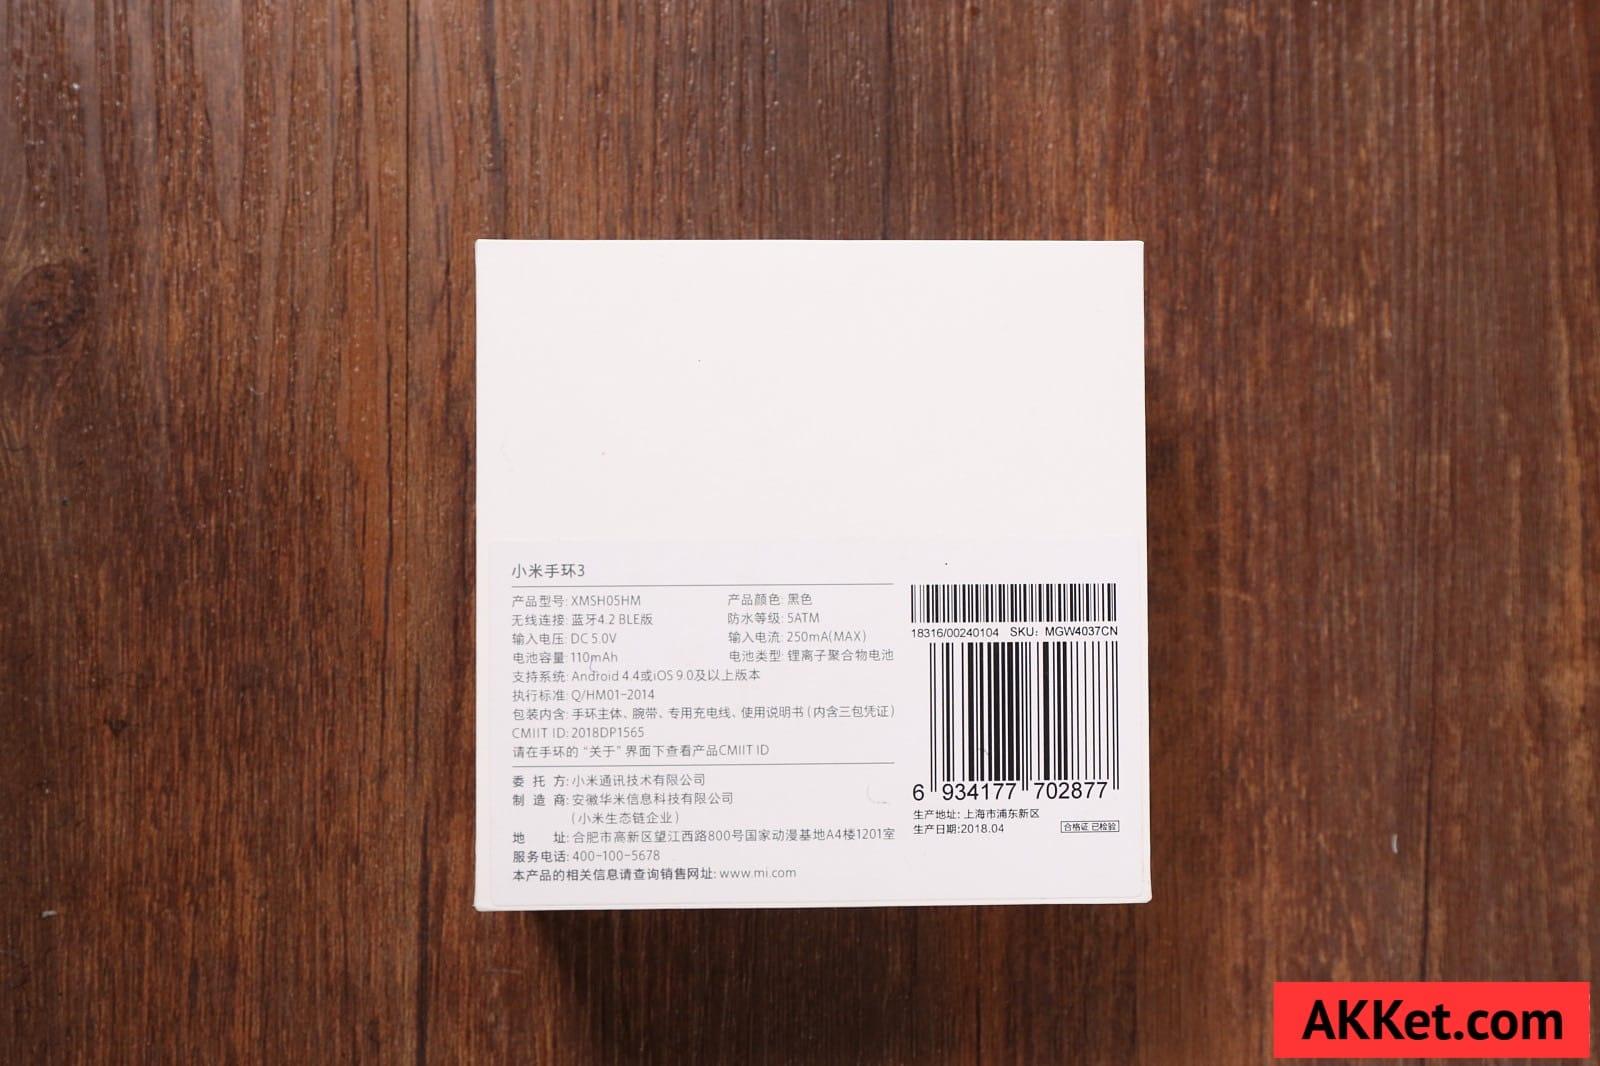 Приголомшливий Xiaomi Mi Band 3 на реальних фотографіях в працюючому стані